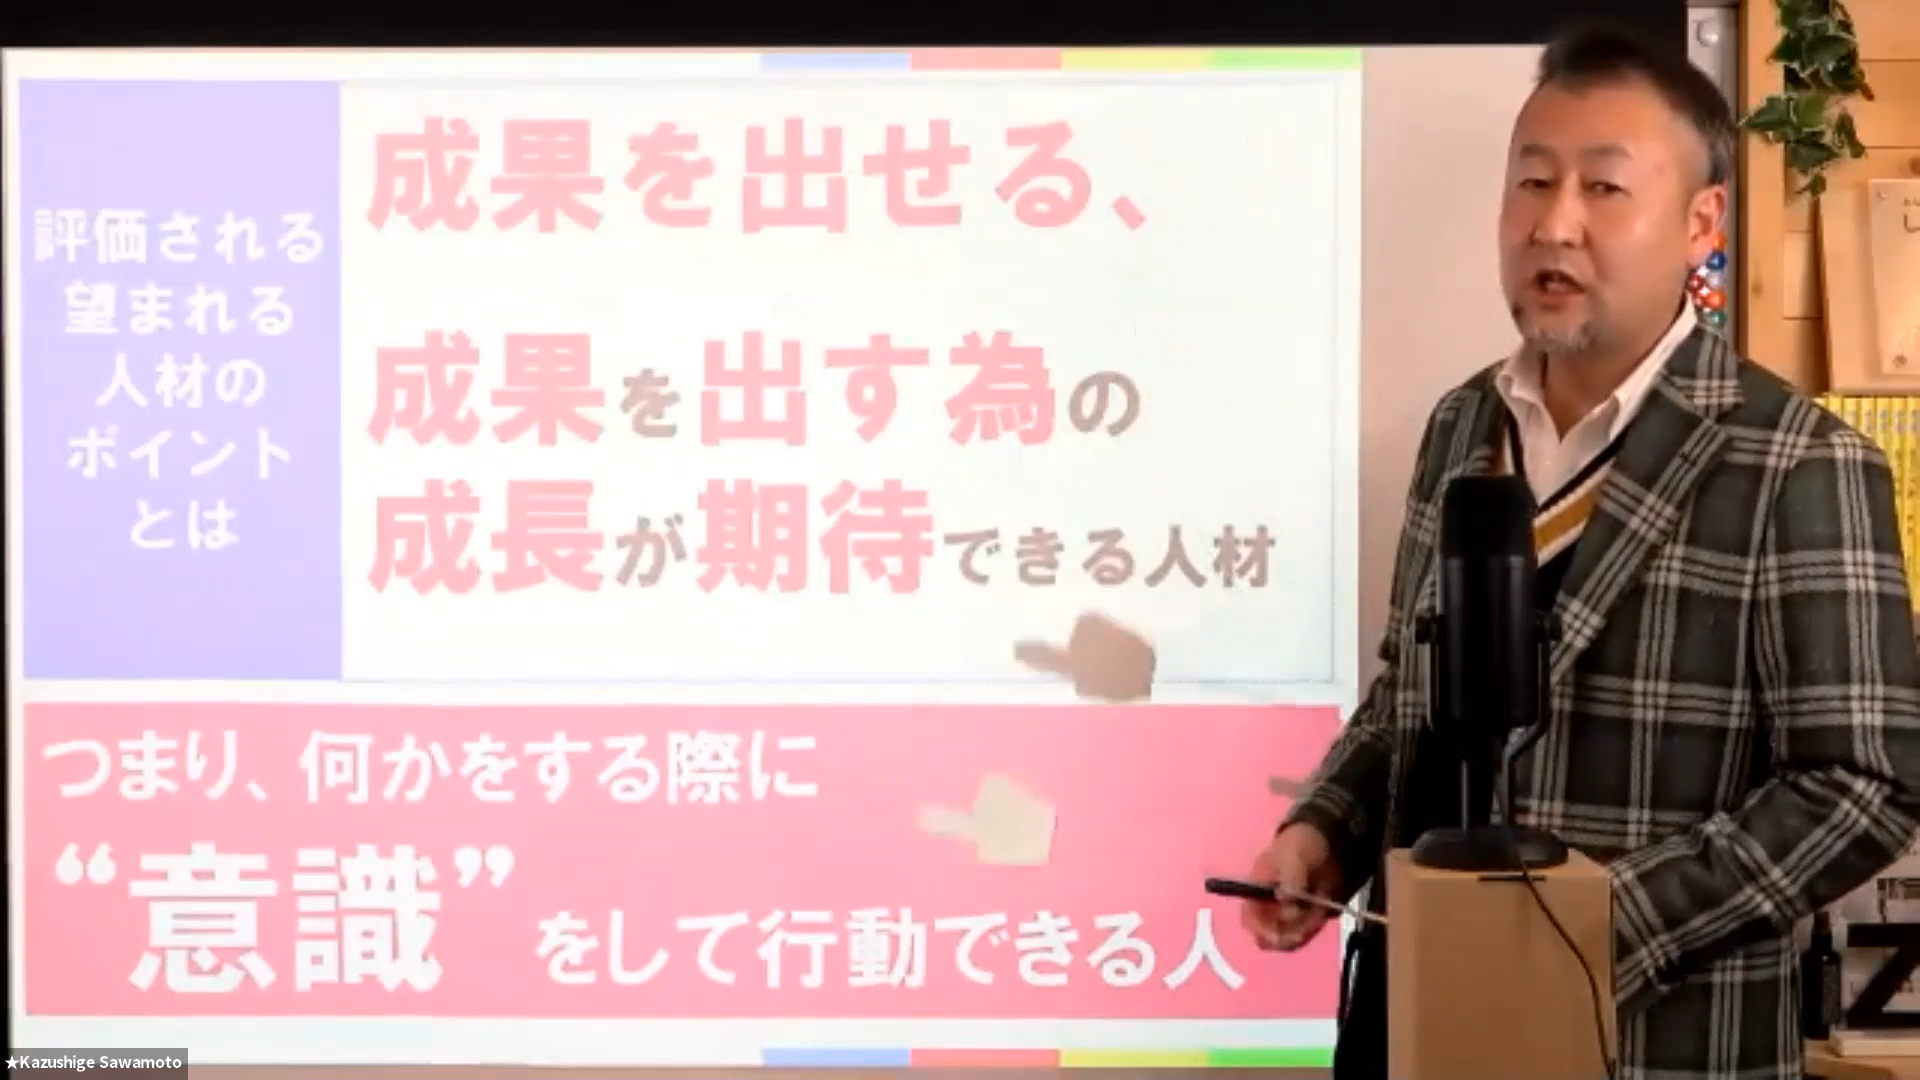 澤本講師によるレクチャーの様子です。